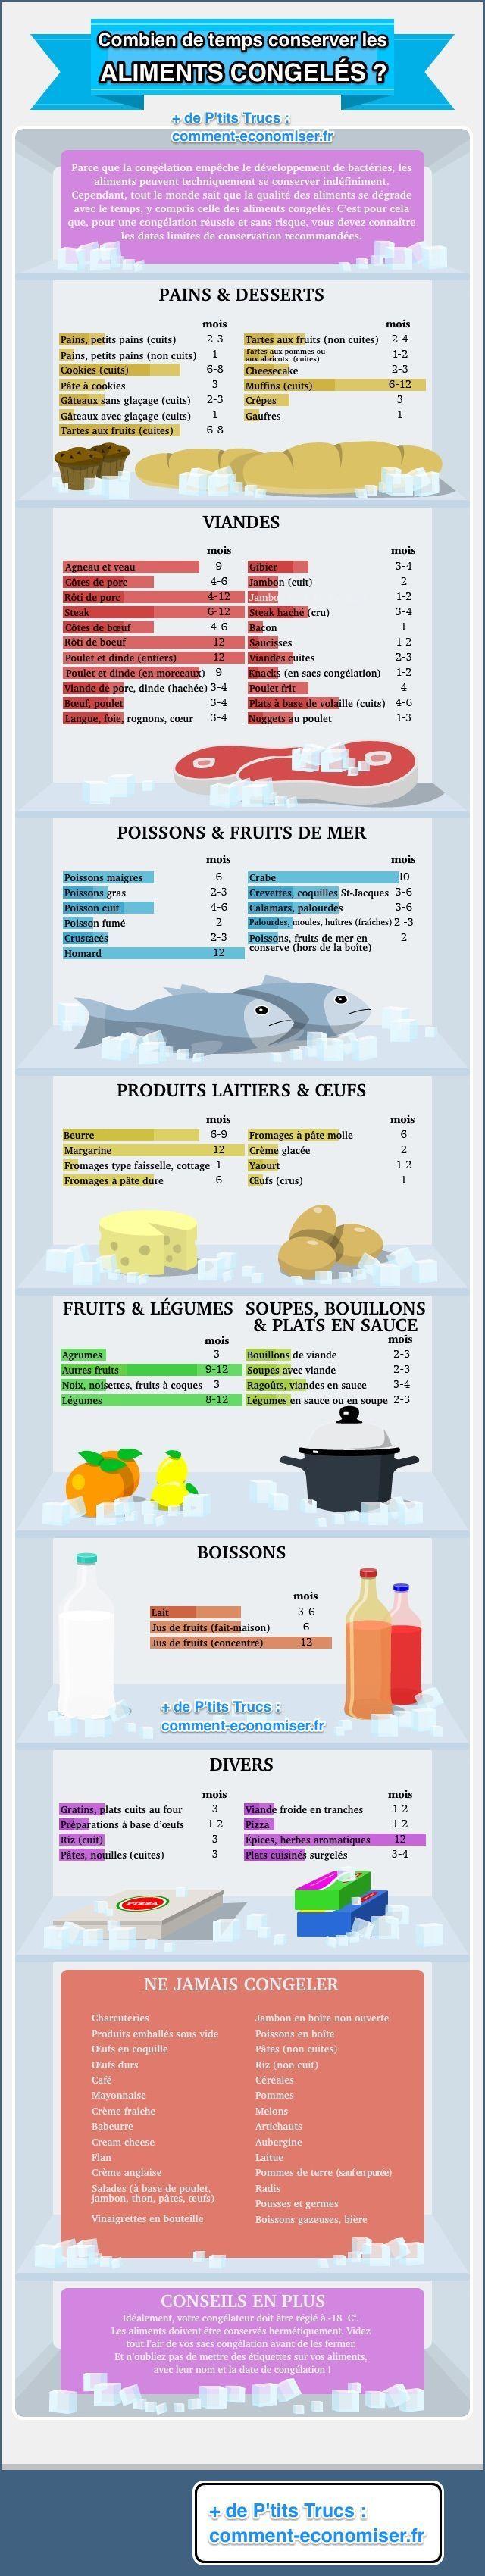 Combien de Temps Peut-On Garder les Aliments au Congélateur ? Le Guide Pratique INDISPENSABLE.